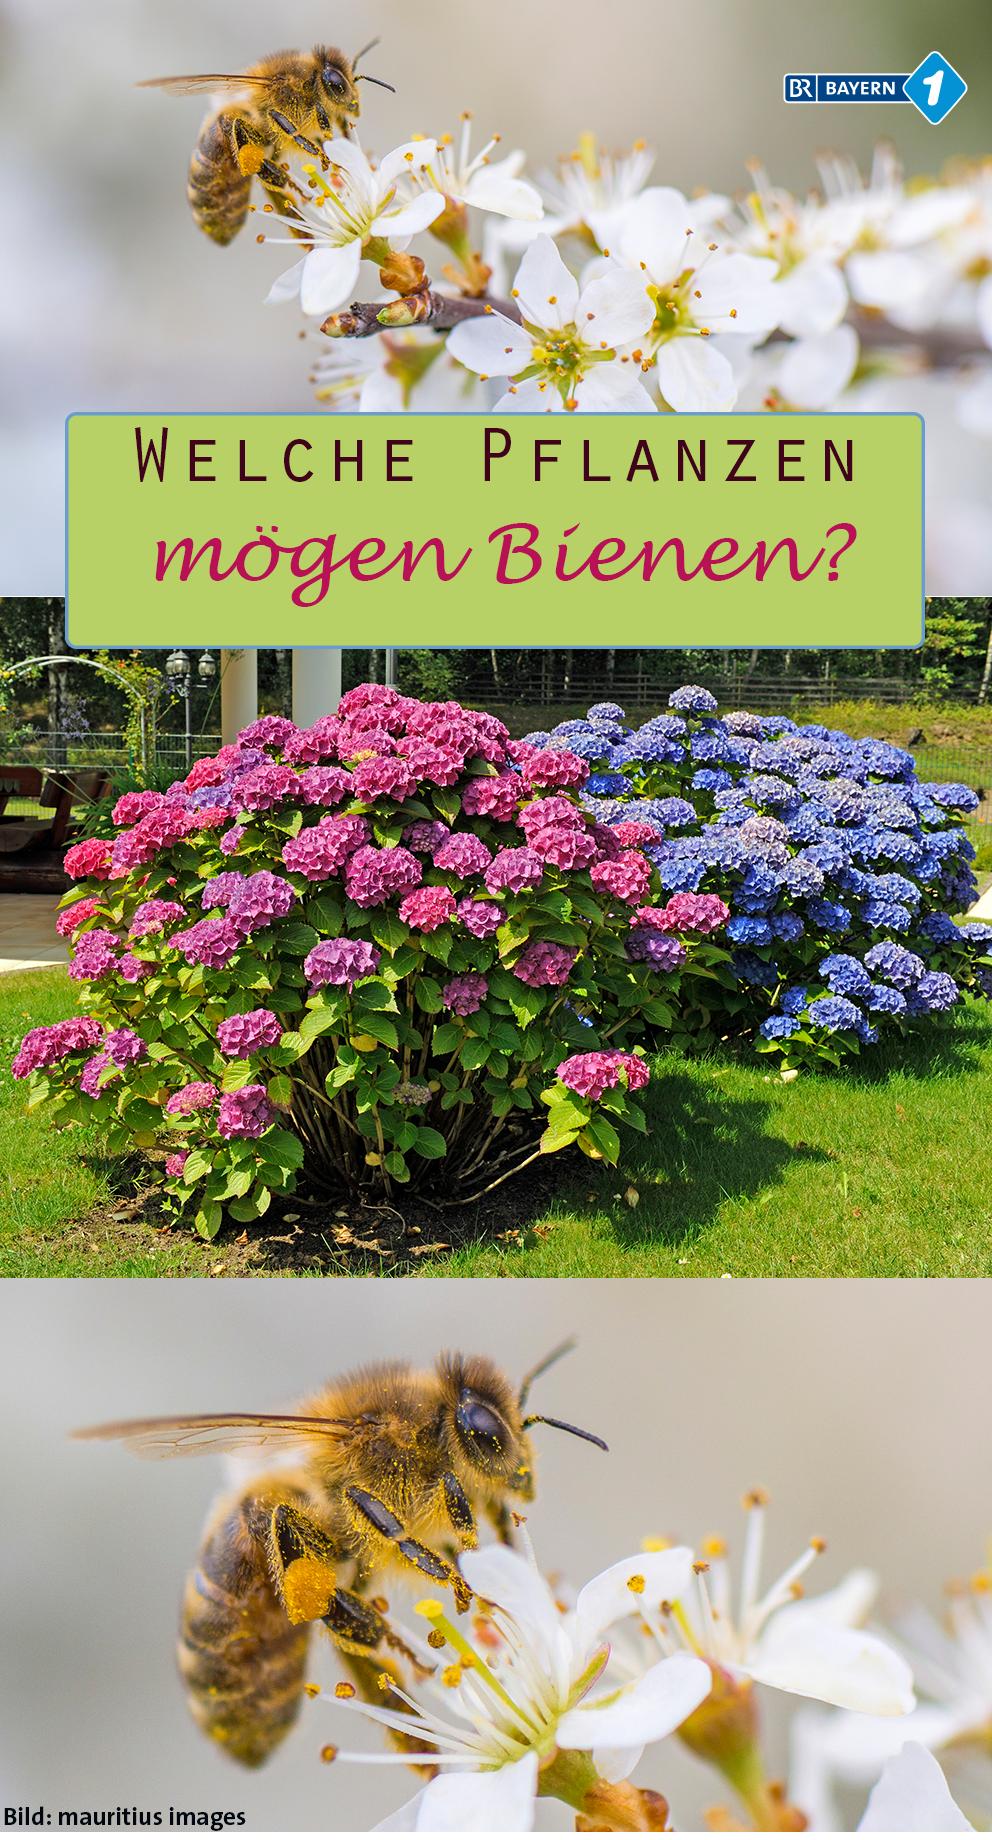 Welche Pflanzen Mogen Bienen Wir Legen Eine Bienenweide An Denn Bienenfreundliche Pflanzen Wie Kirsche Und Co Lo Bee Friendly Plants Garden Care Plant Care